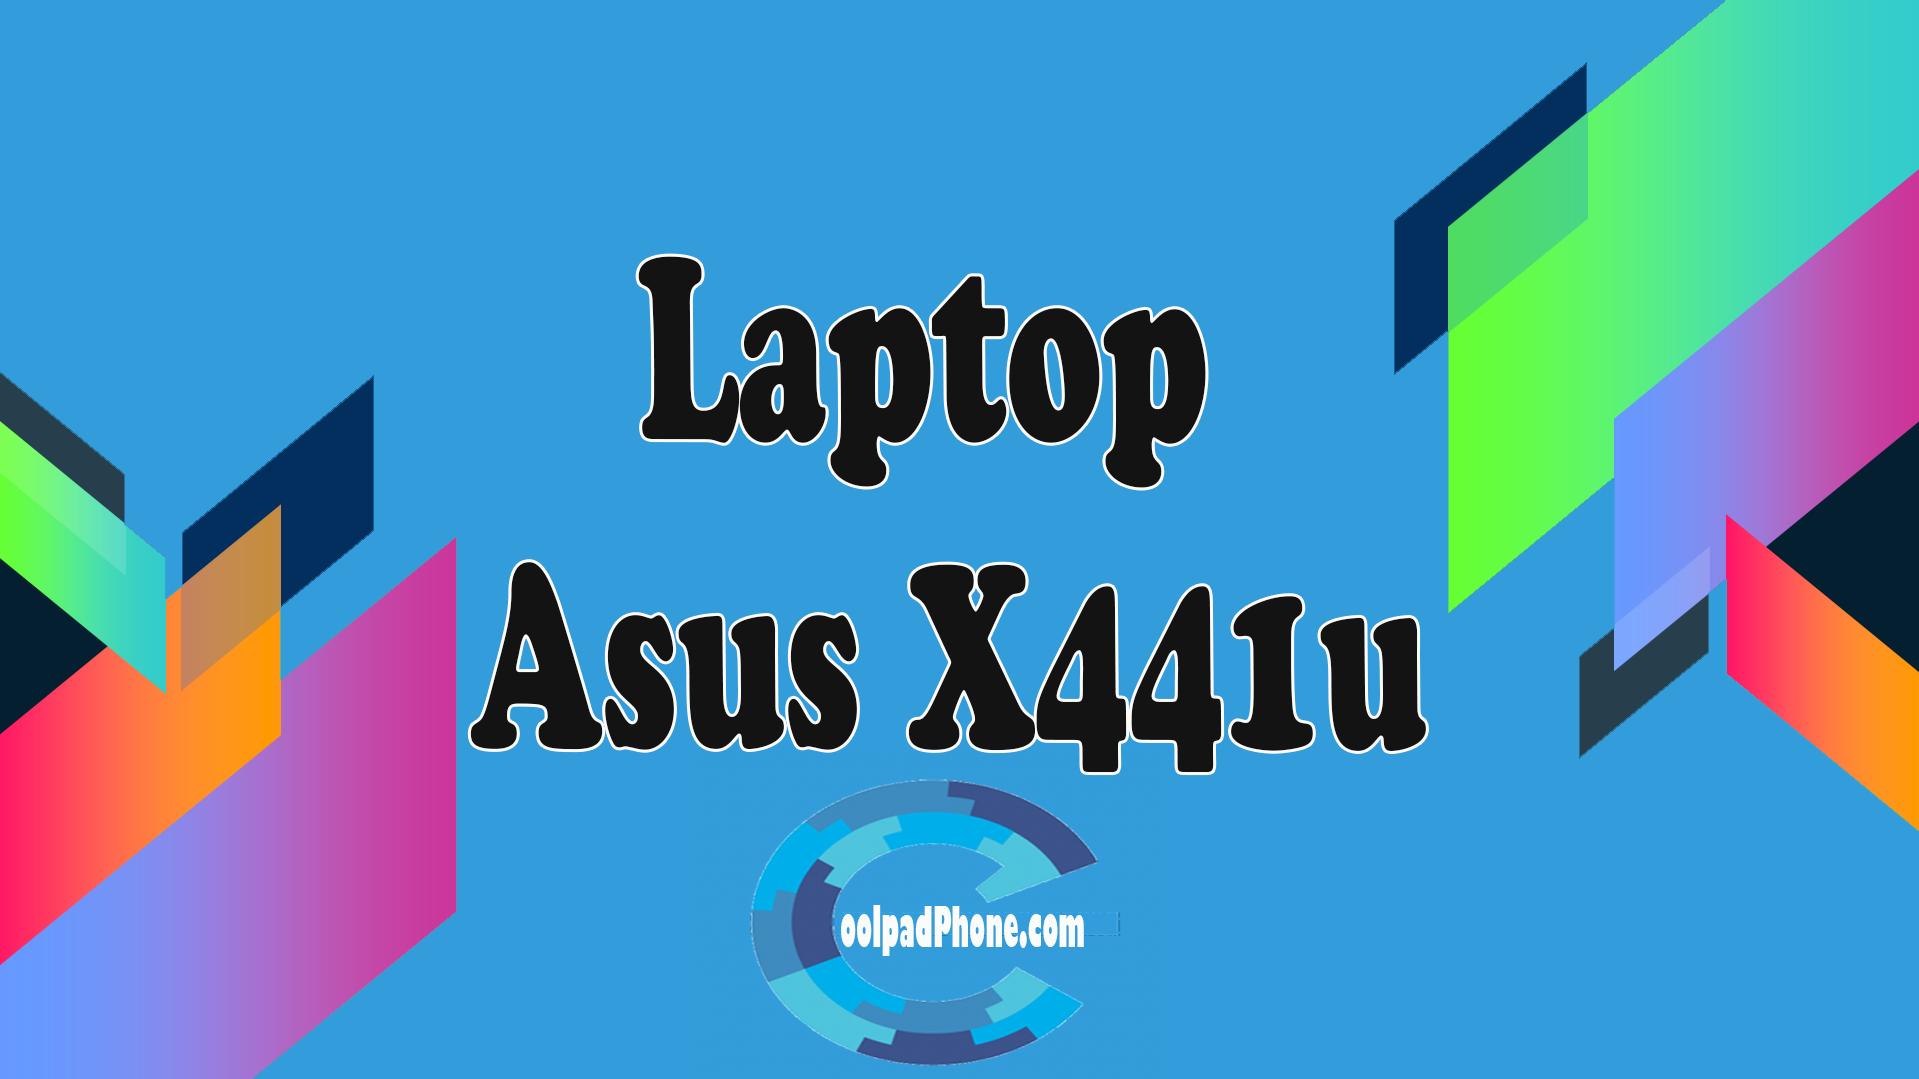 Laptop Asus X441u